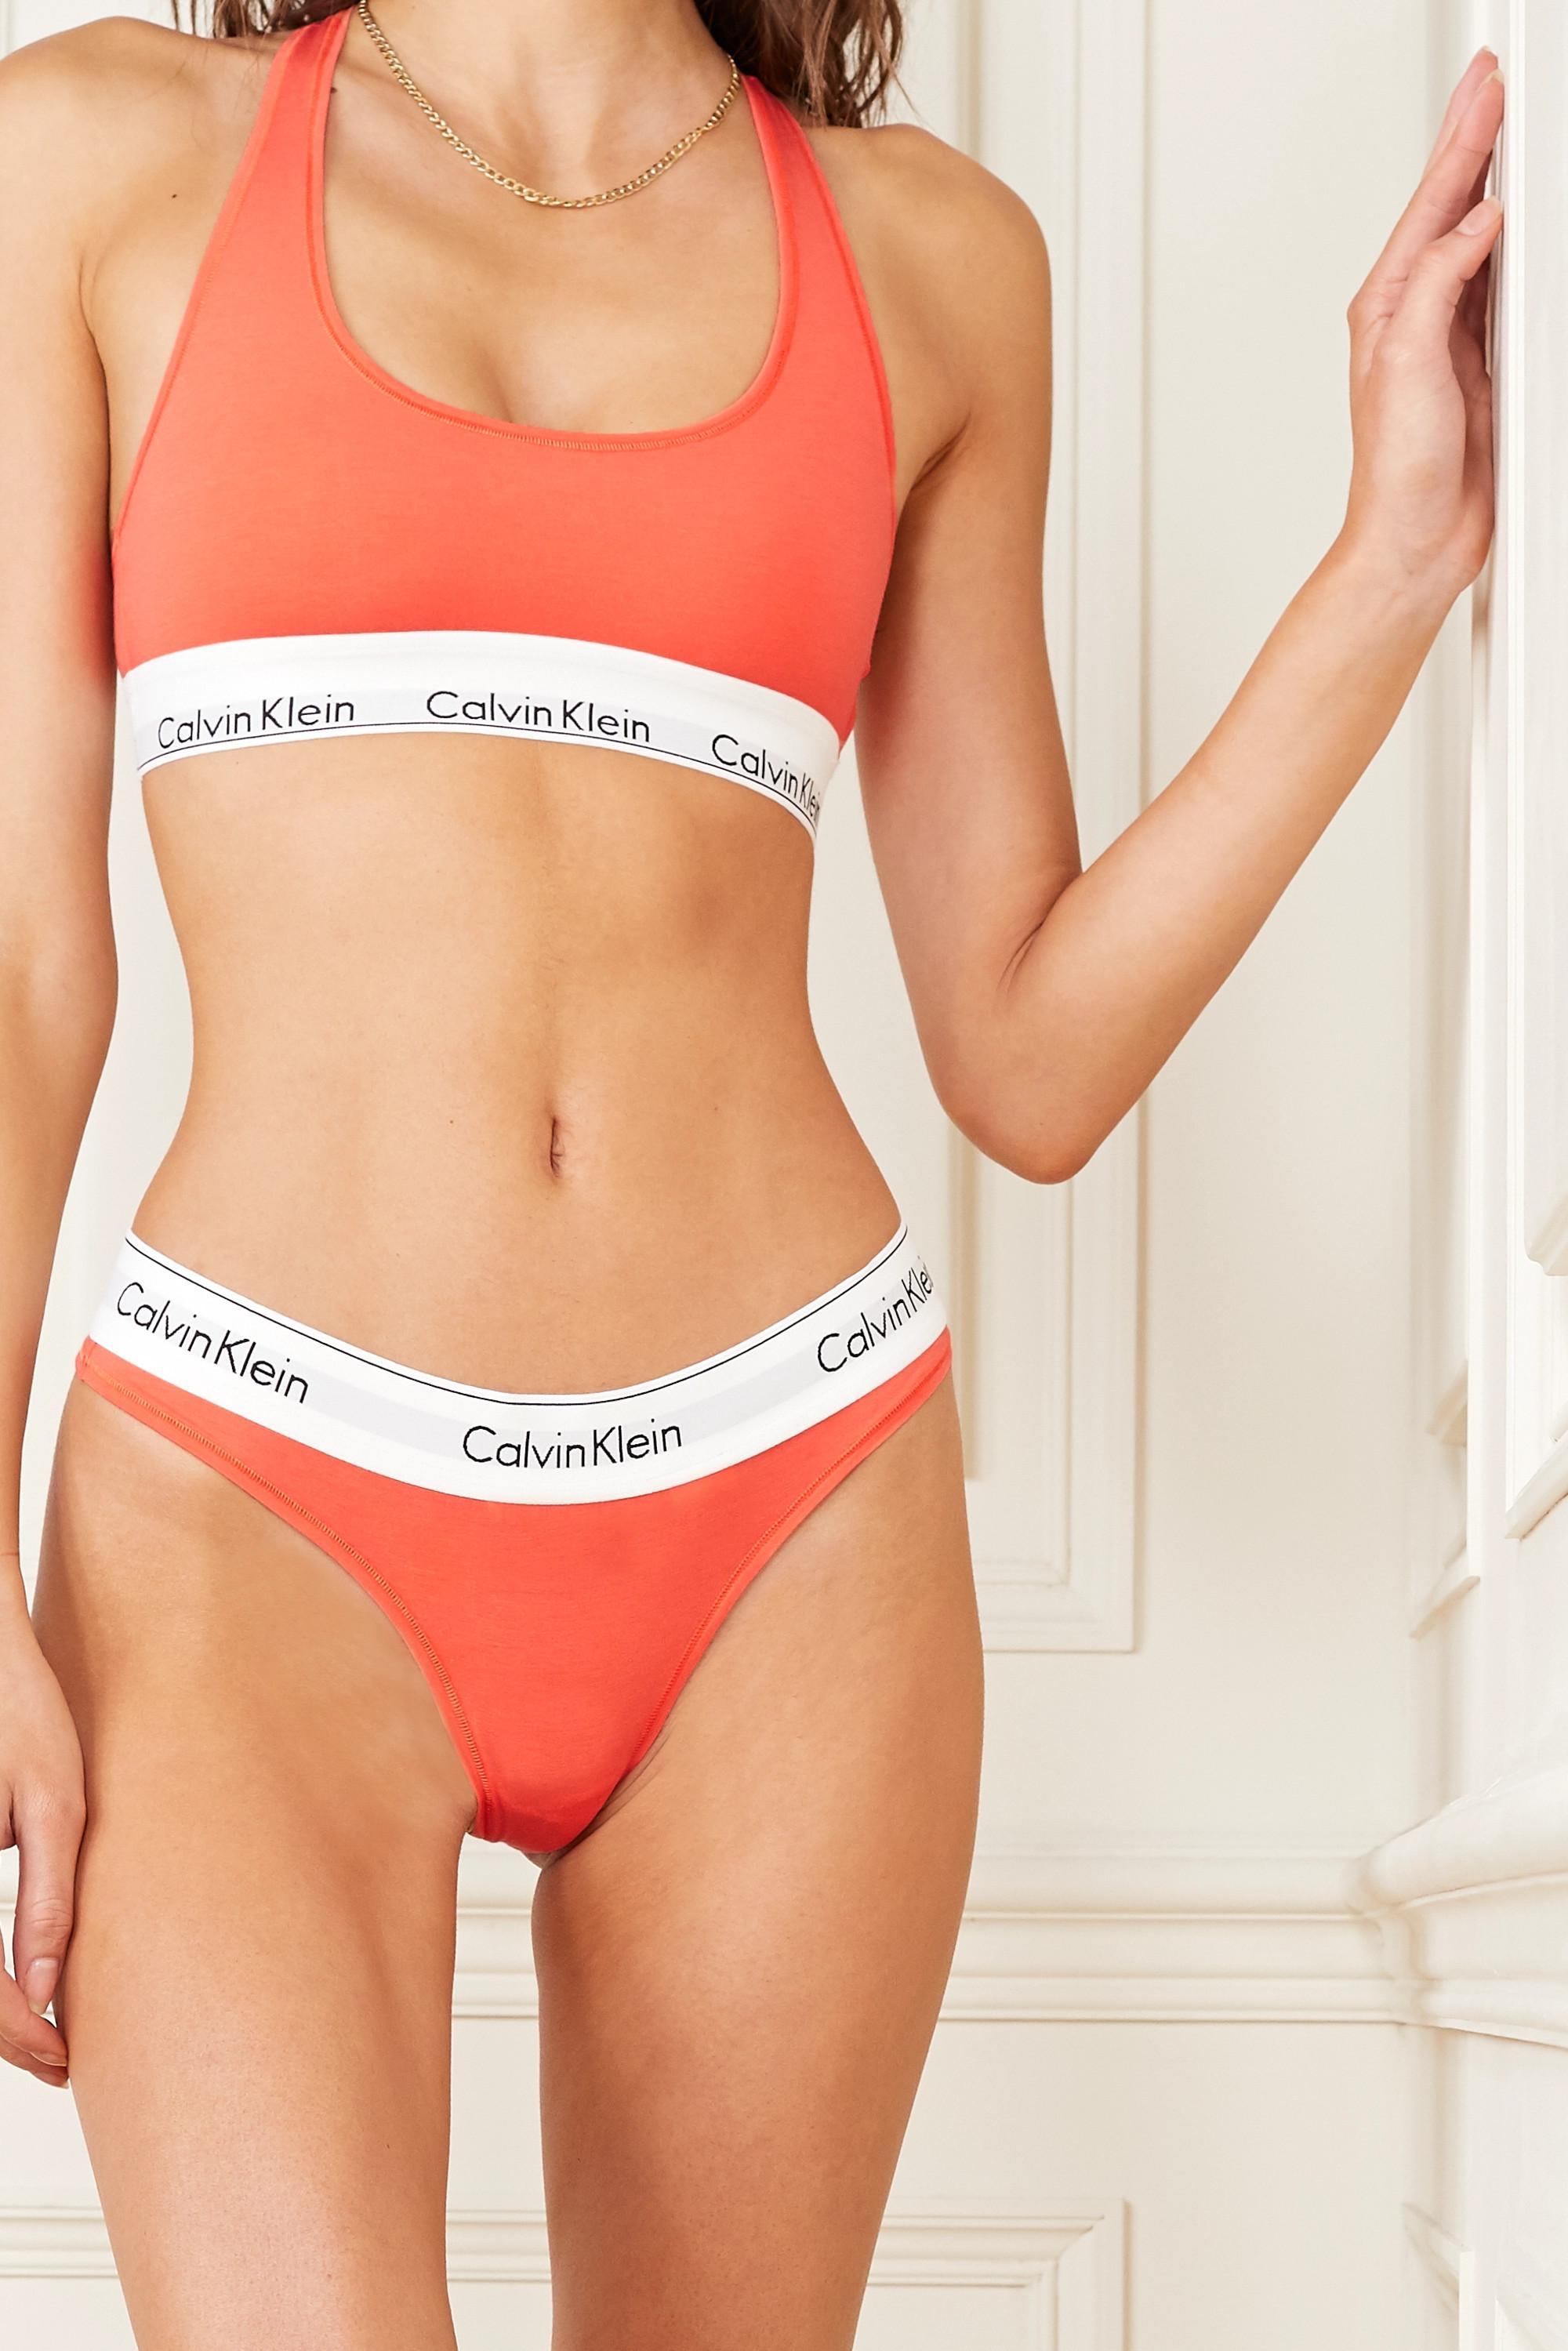 Calvin Klein Underwear Modern Cotton stretch cotton and modal-blend soft-cup bra